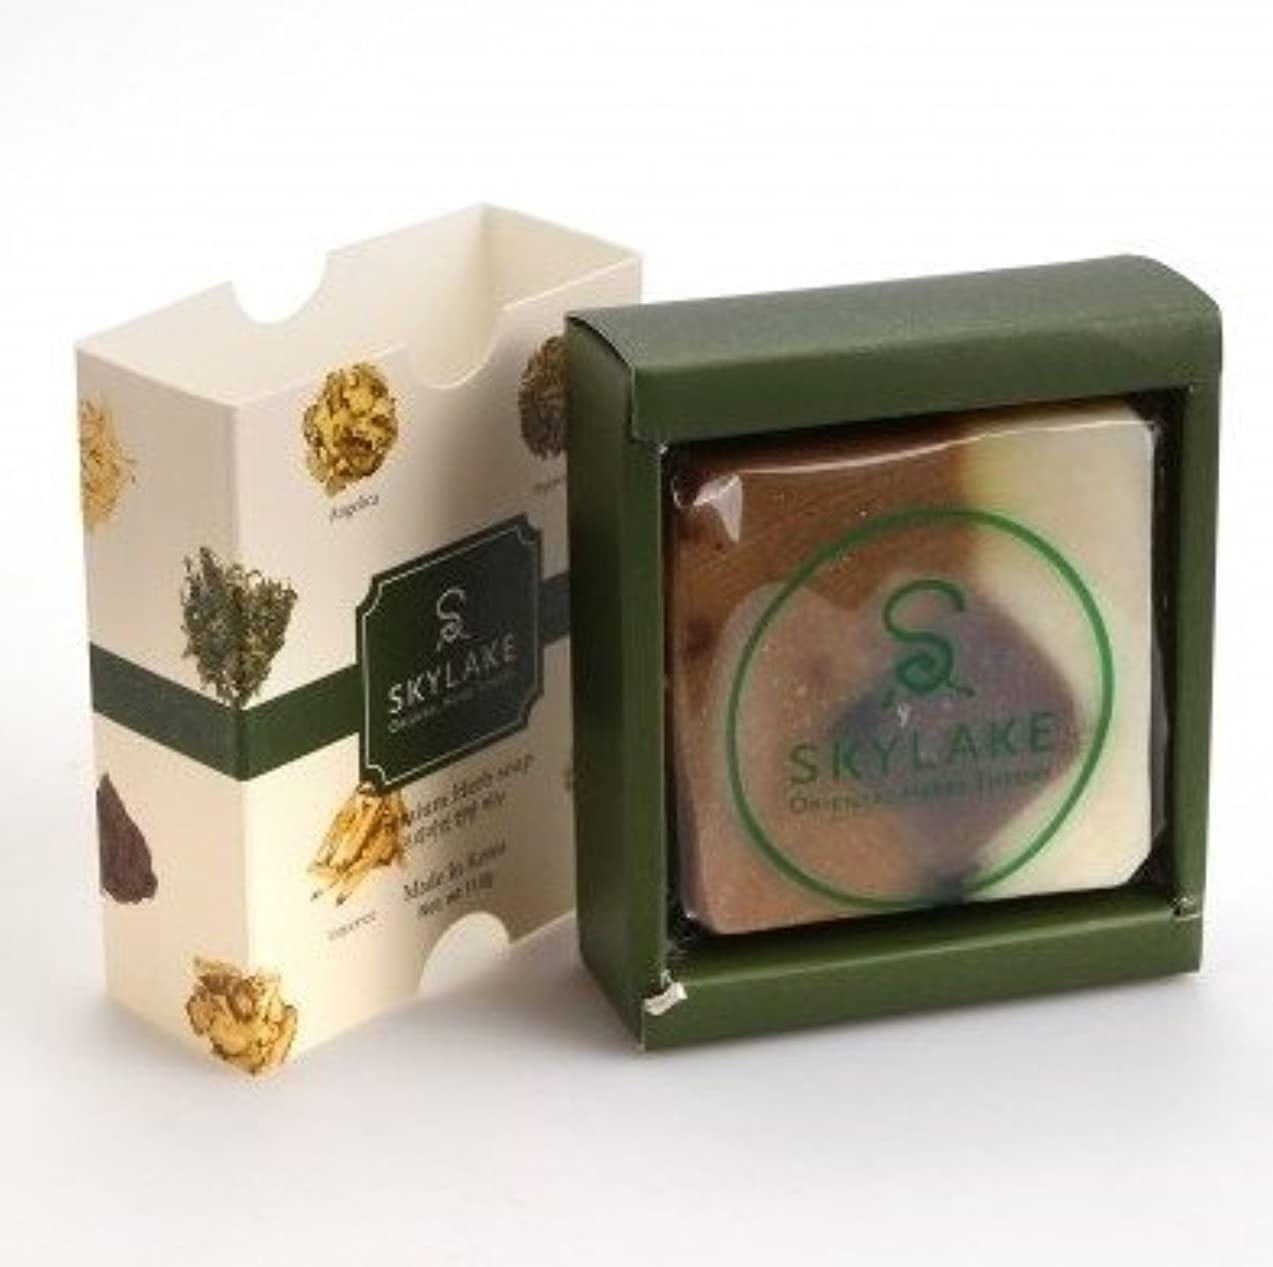 [1+1]ハヌルホス[Skylake] 漢方アロマ石鹸Oriental Herbs Theory Soap (プレミアム手作り漢方)